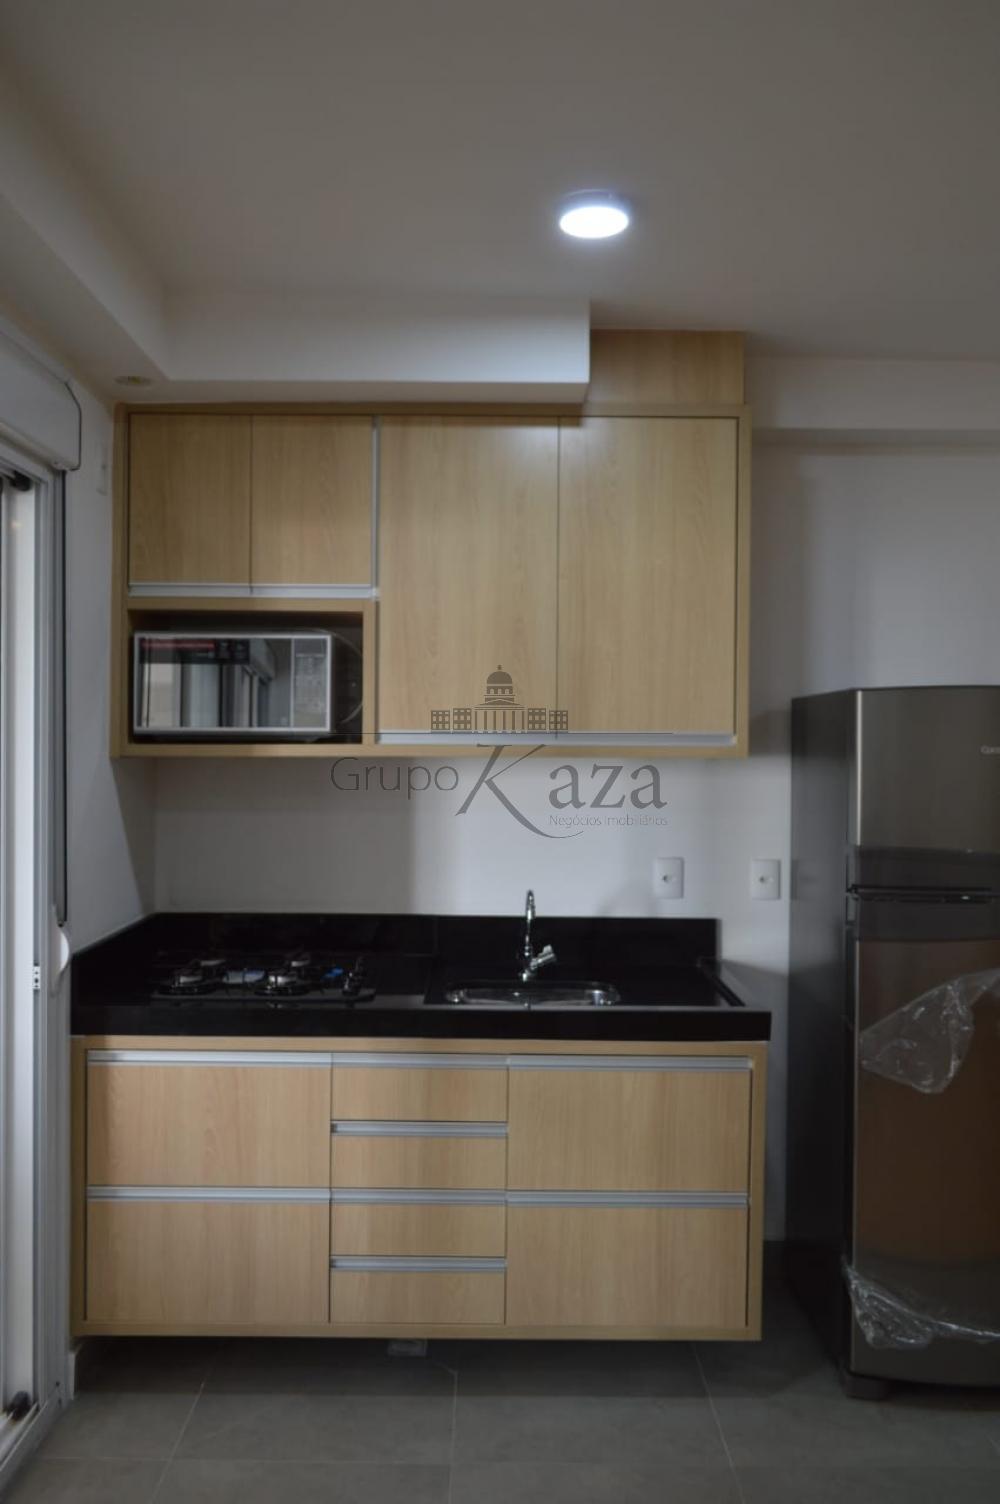 Alugar Apartamento / Flat em São José dos Campos apenas R$ 2.300,00 - Foto 12